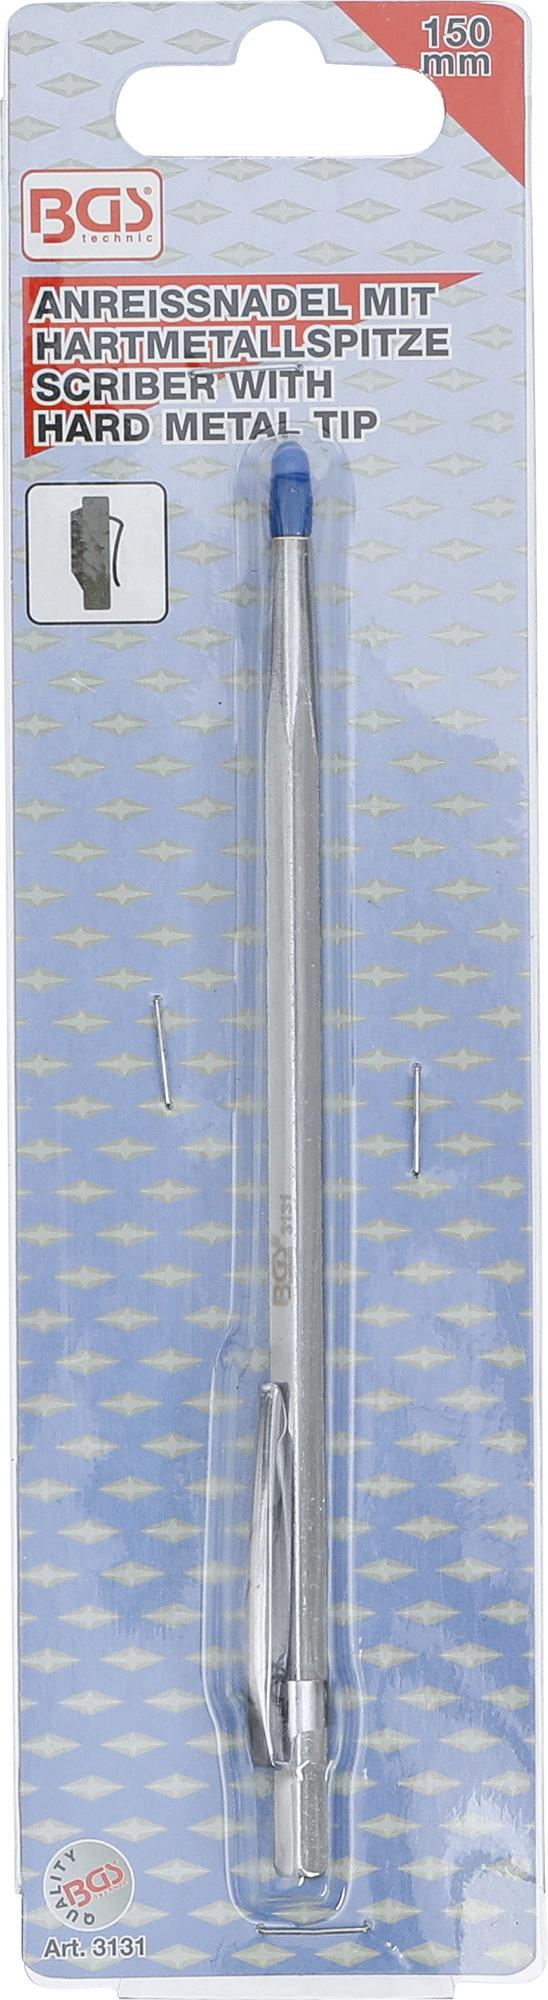 BGS 3131 Anreißnadel mit Hartmetallspitze Länge 150mm